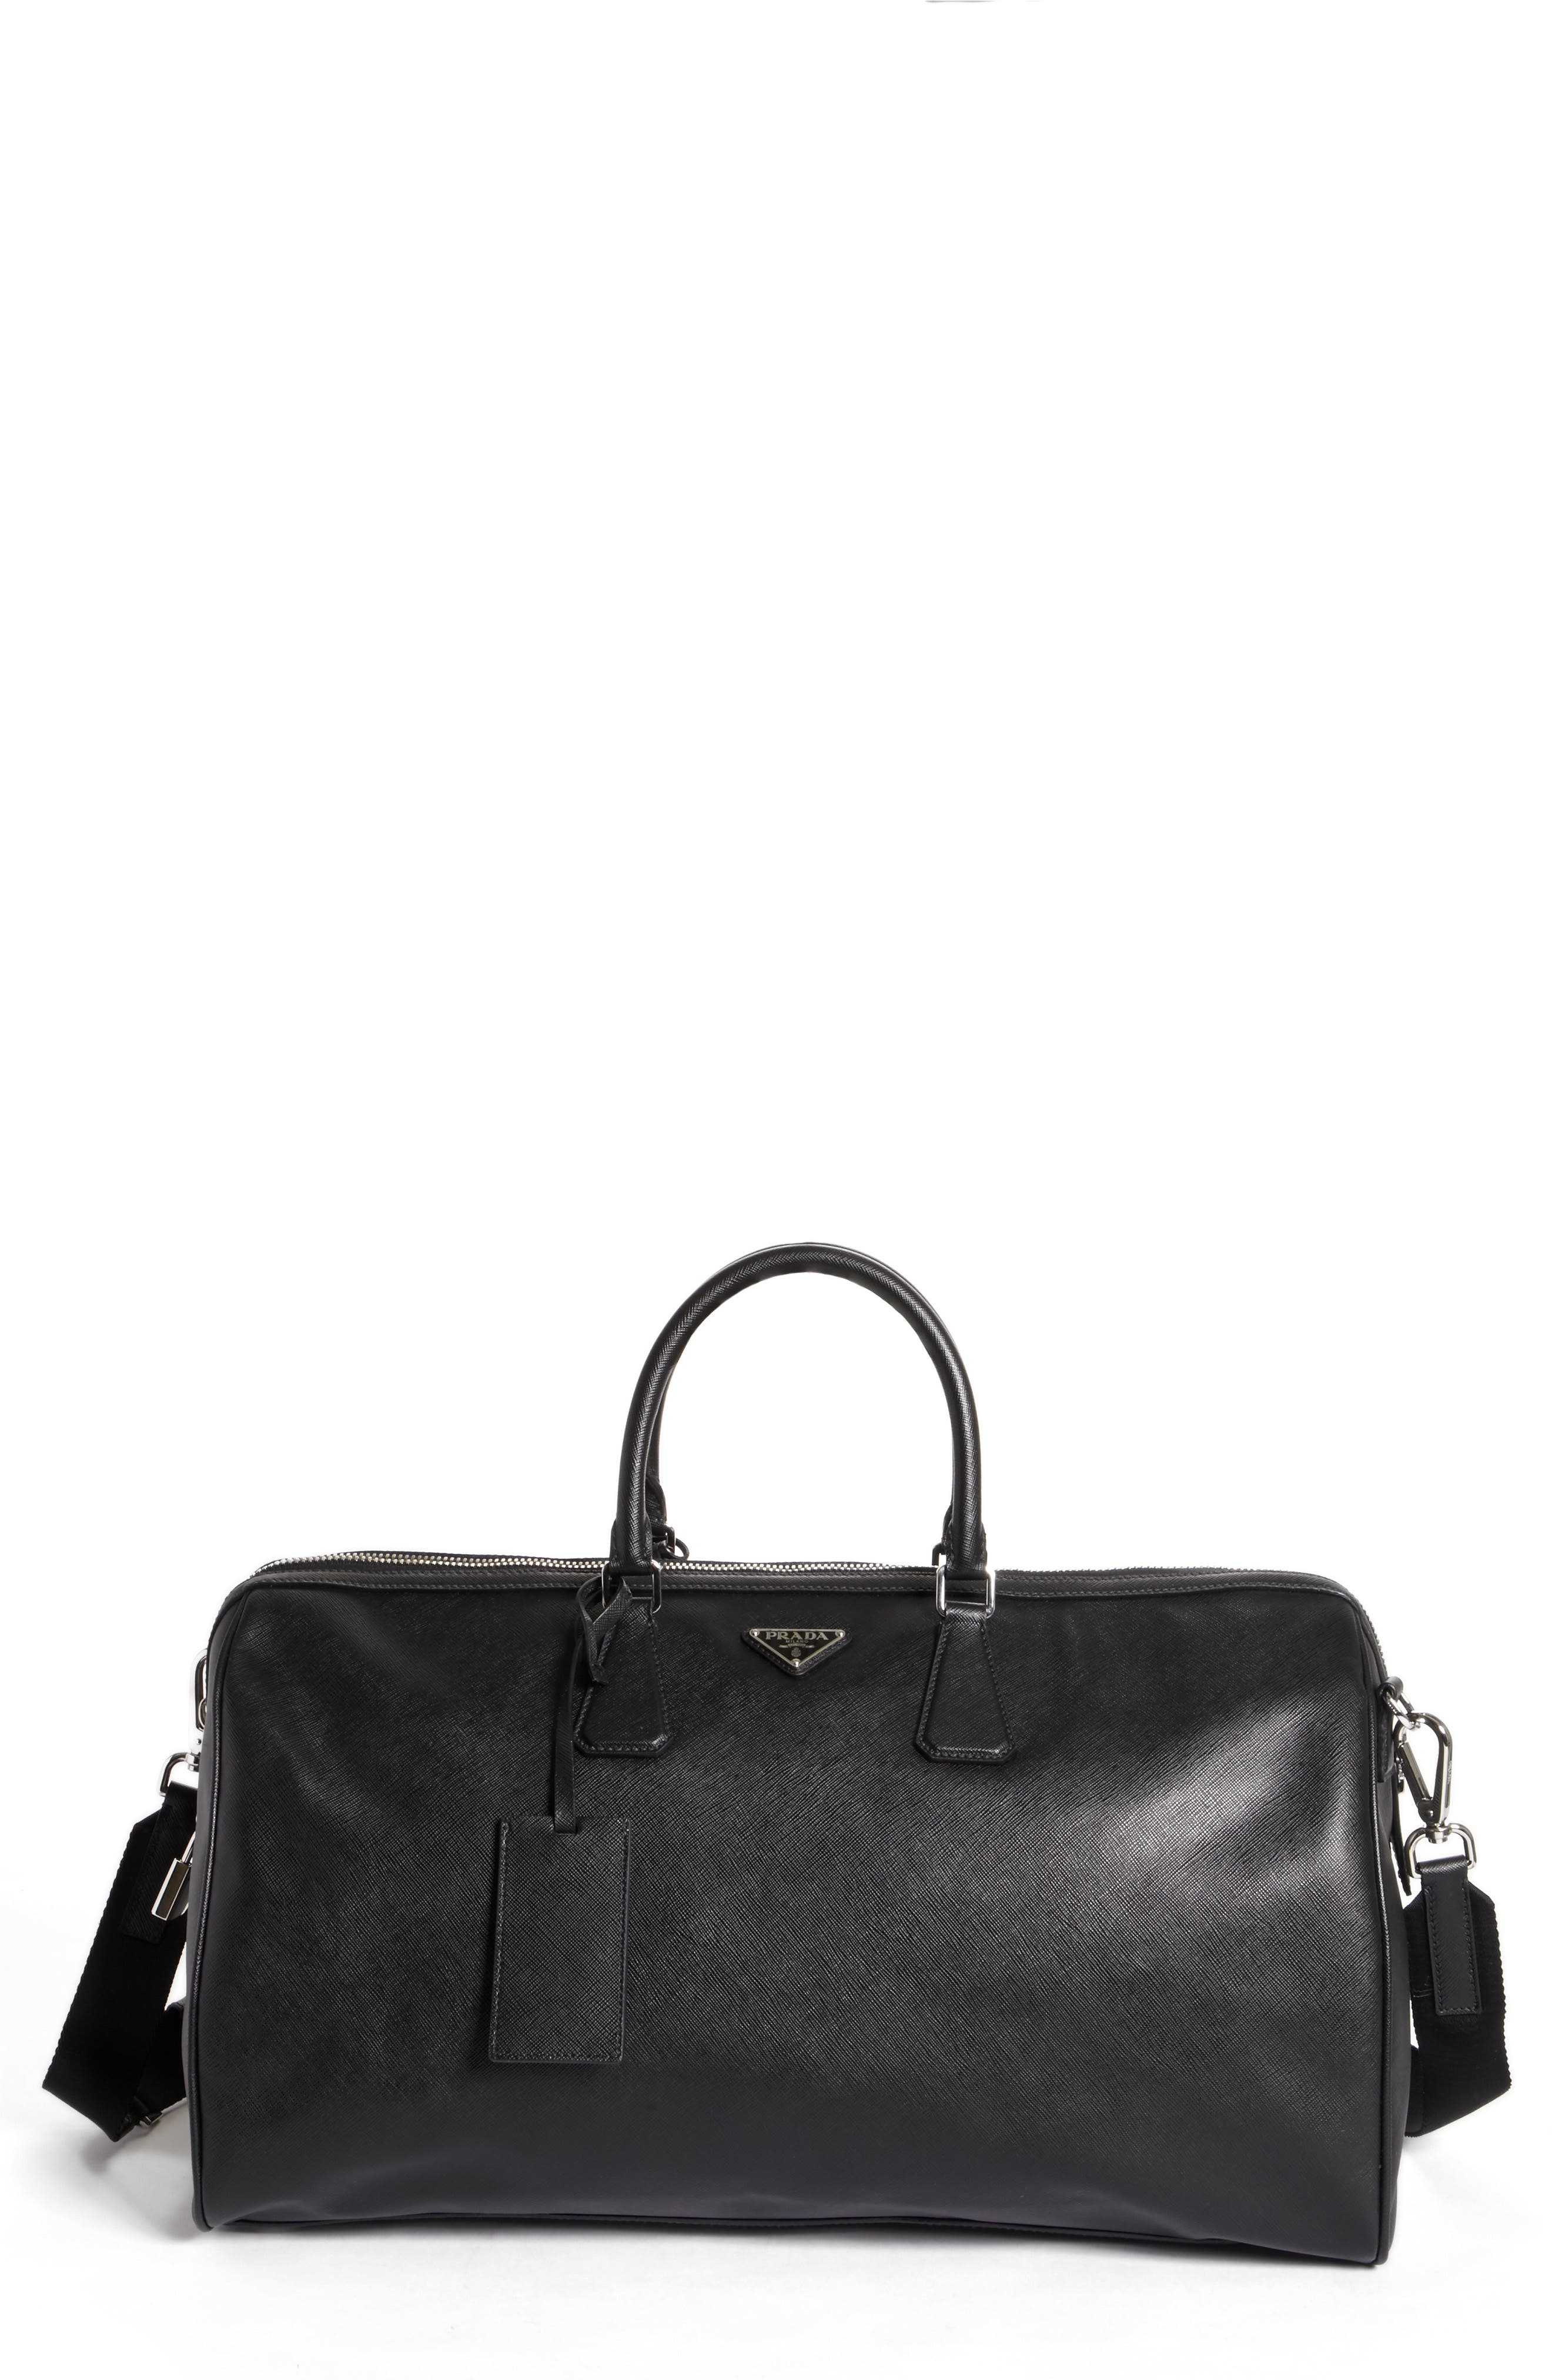 Saffiano Leather Duffel Bag,                         Main,                         color, F0002 Nero